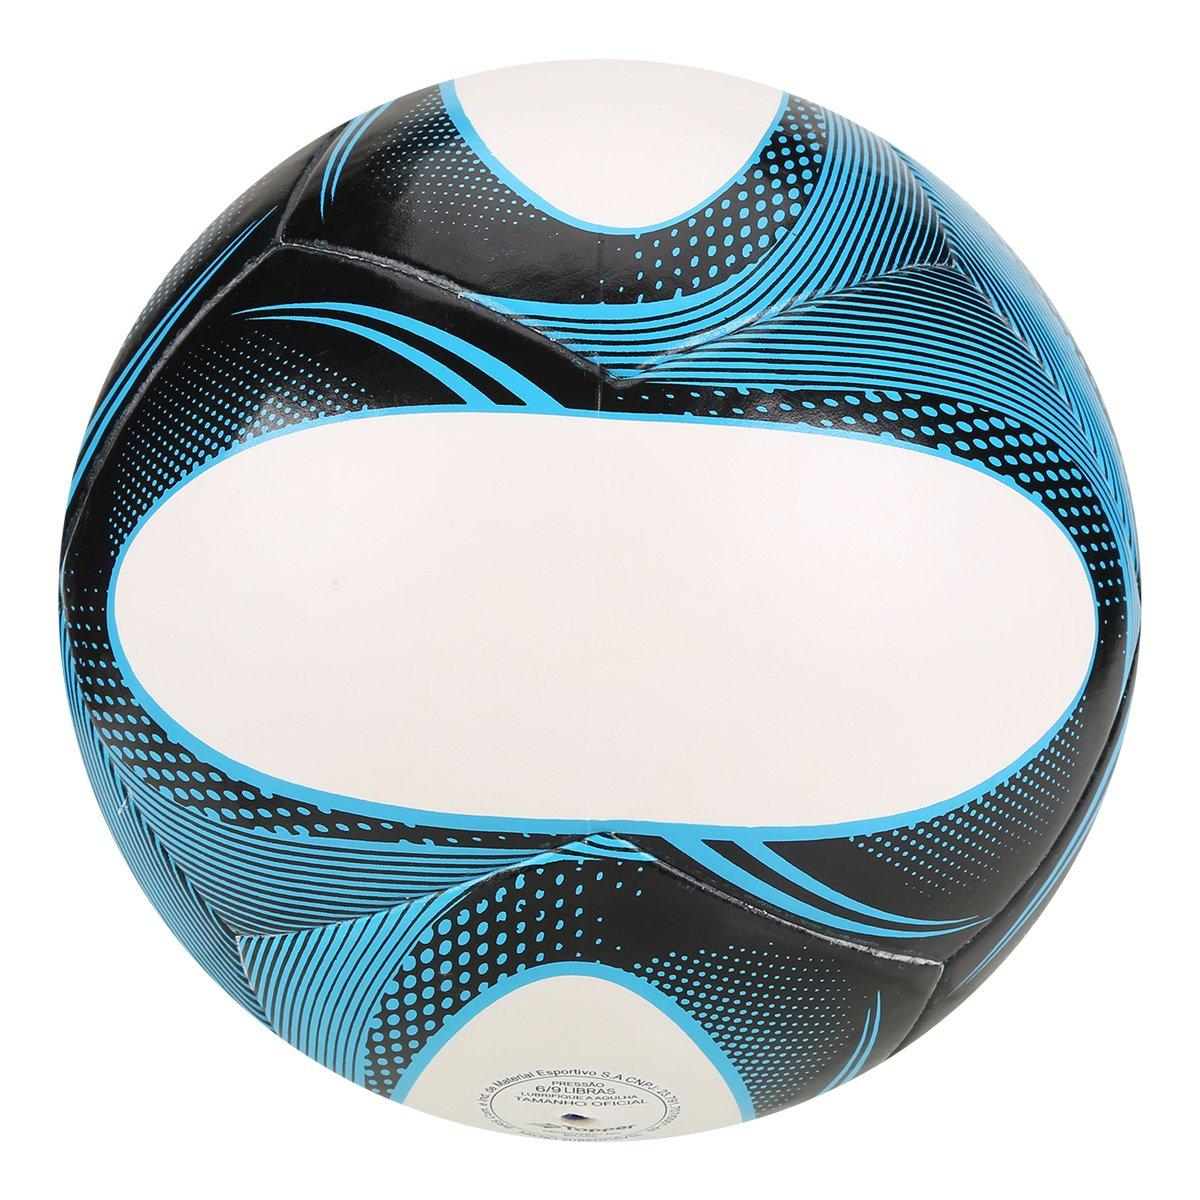 Bola Futebol Society Topper Slick II - Branco e Preto - Compre Agora ... efaa18b88c8b6